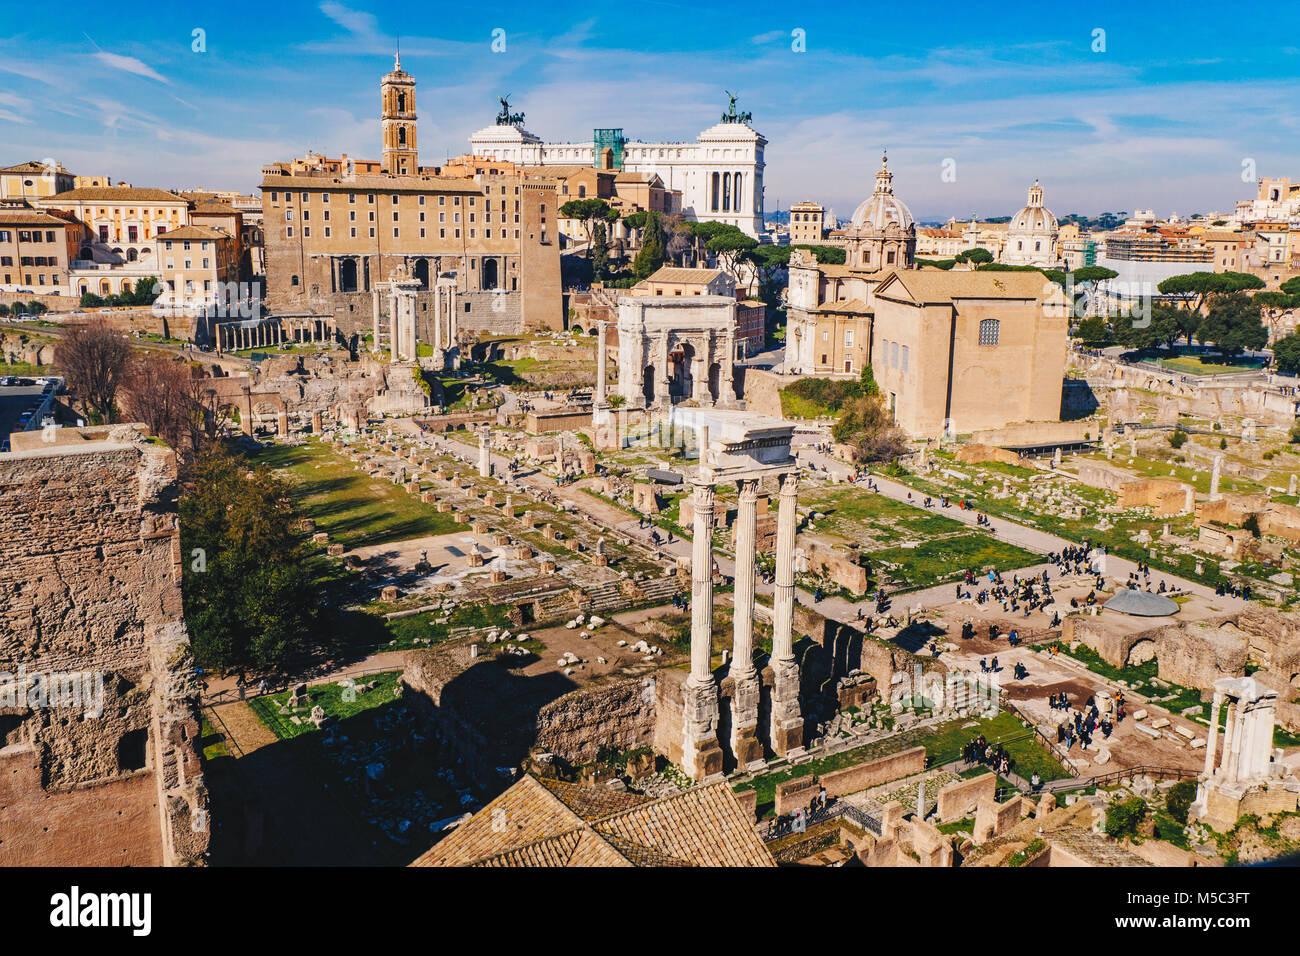 (El Foro Romano El Foro Romano) y ruinas romanas como se ve desde la colina Palatina, en Roma, Italia Imagen De Stock